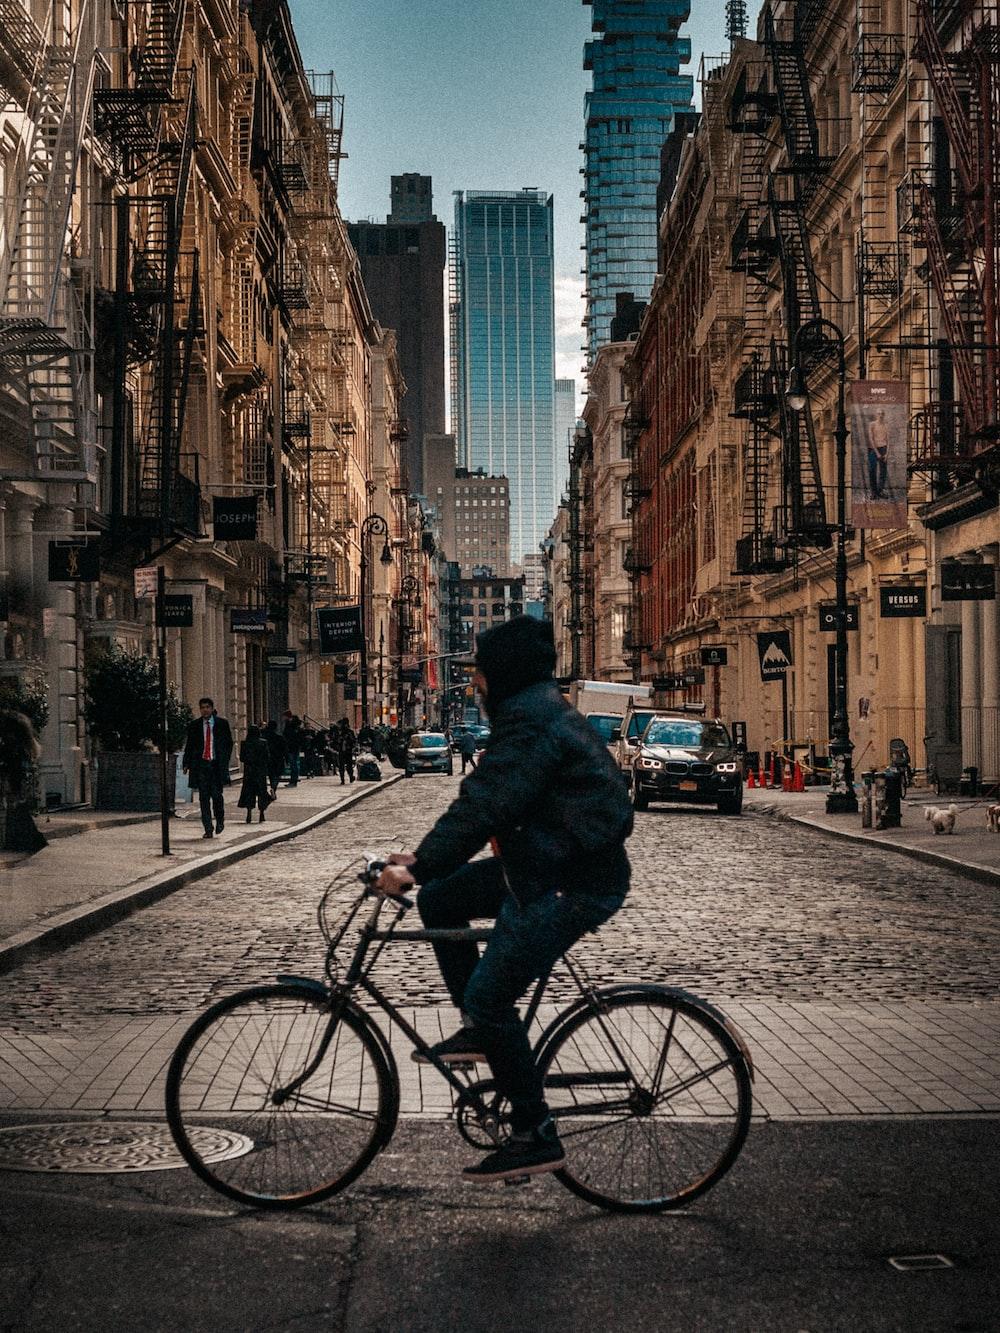 man wearing jacket riding on bike